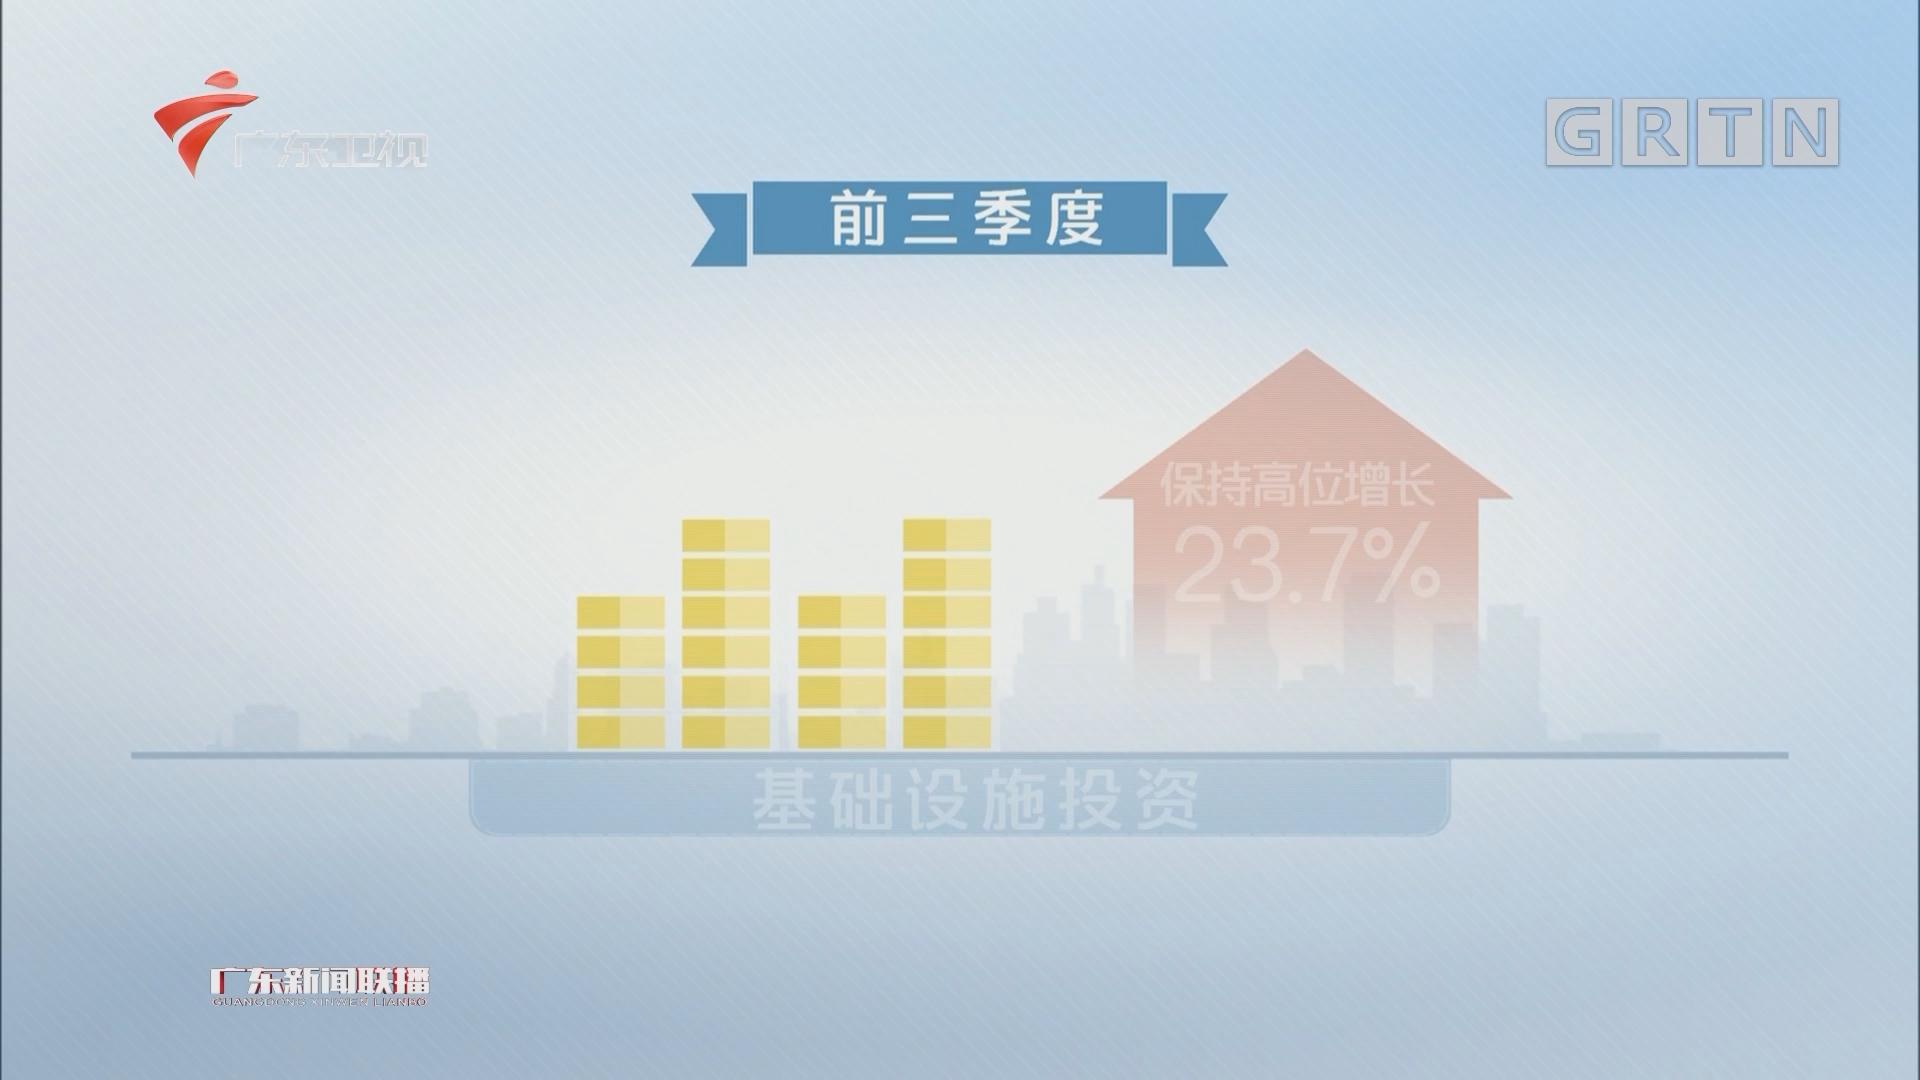 广东:投资高增长 消费升级趋势明显